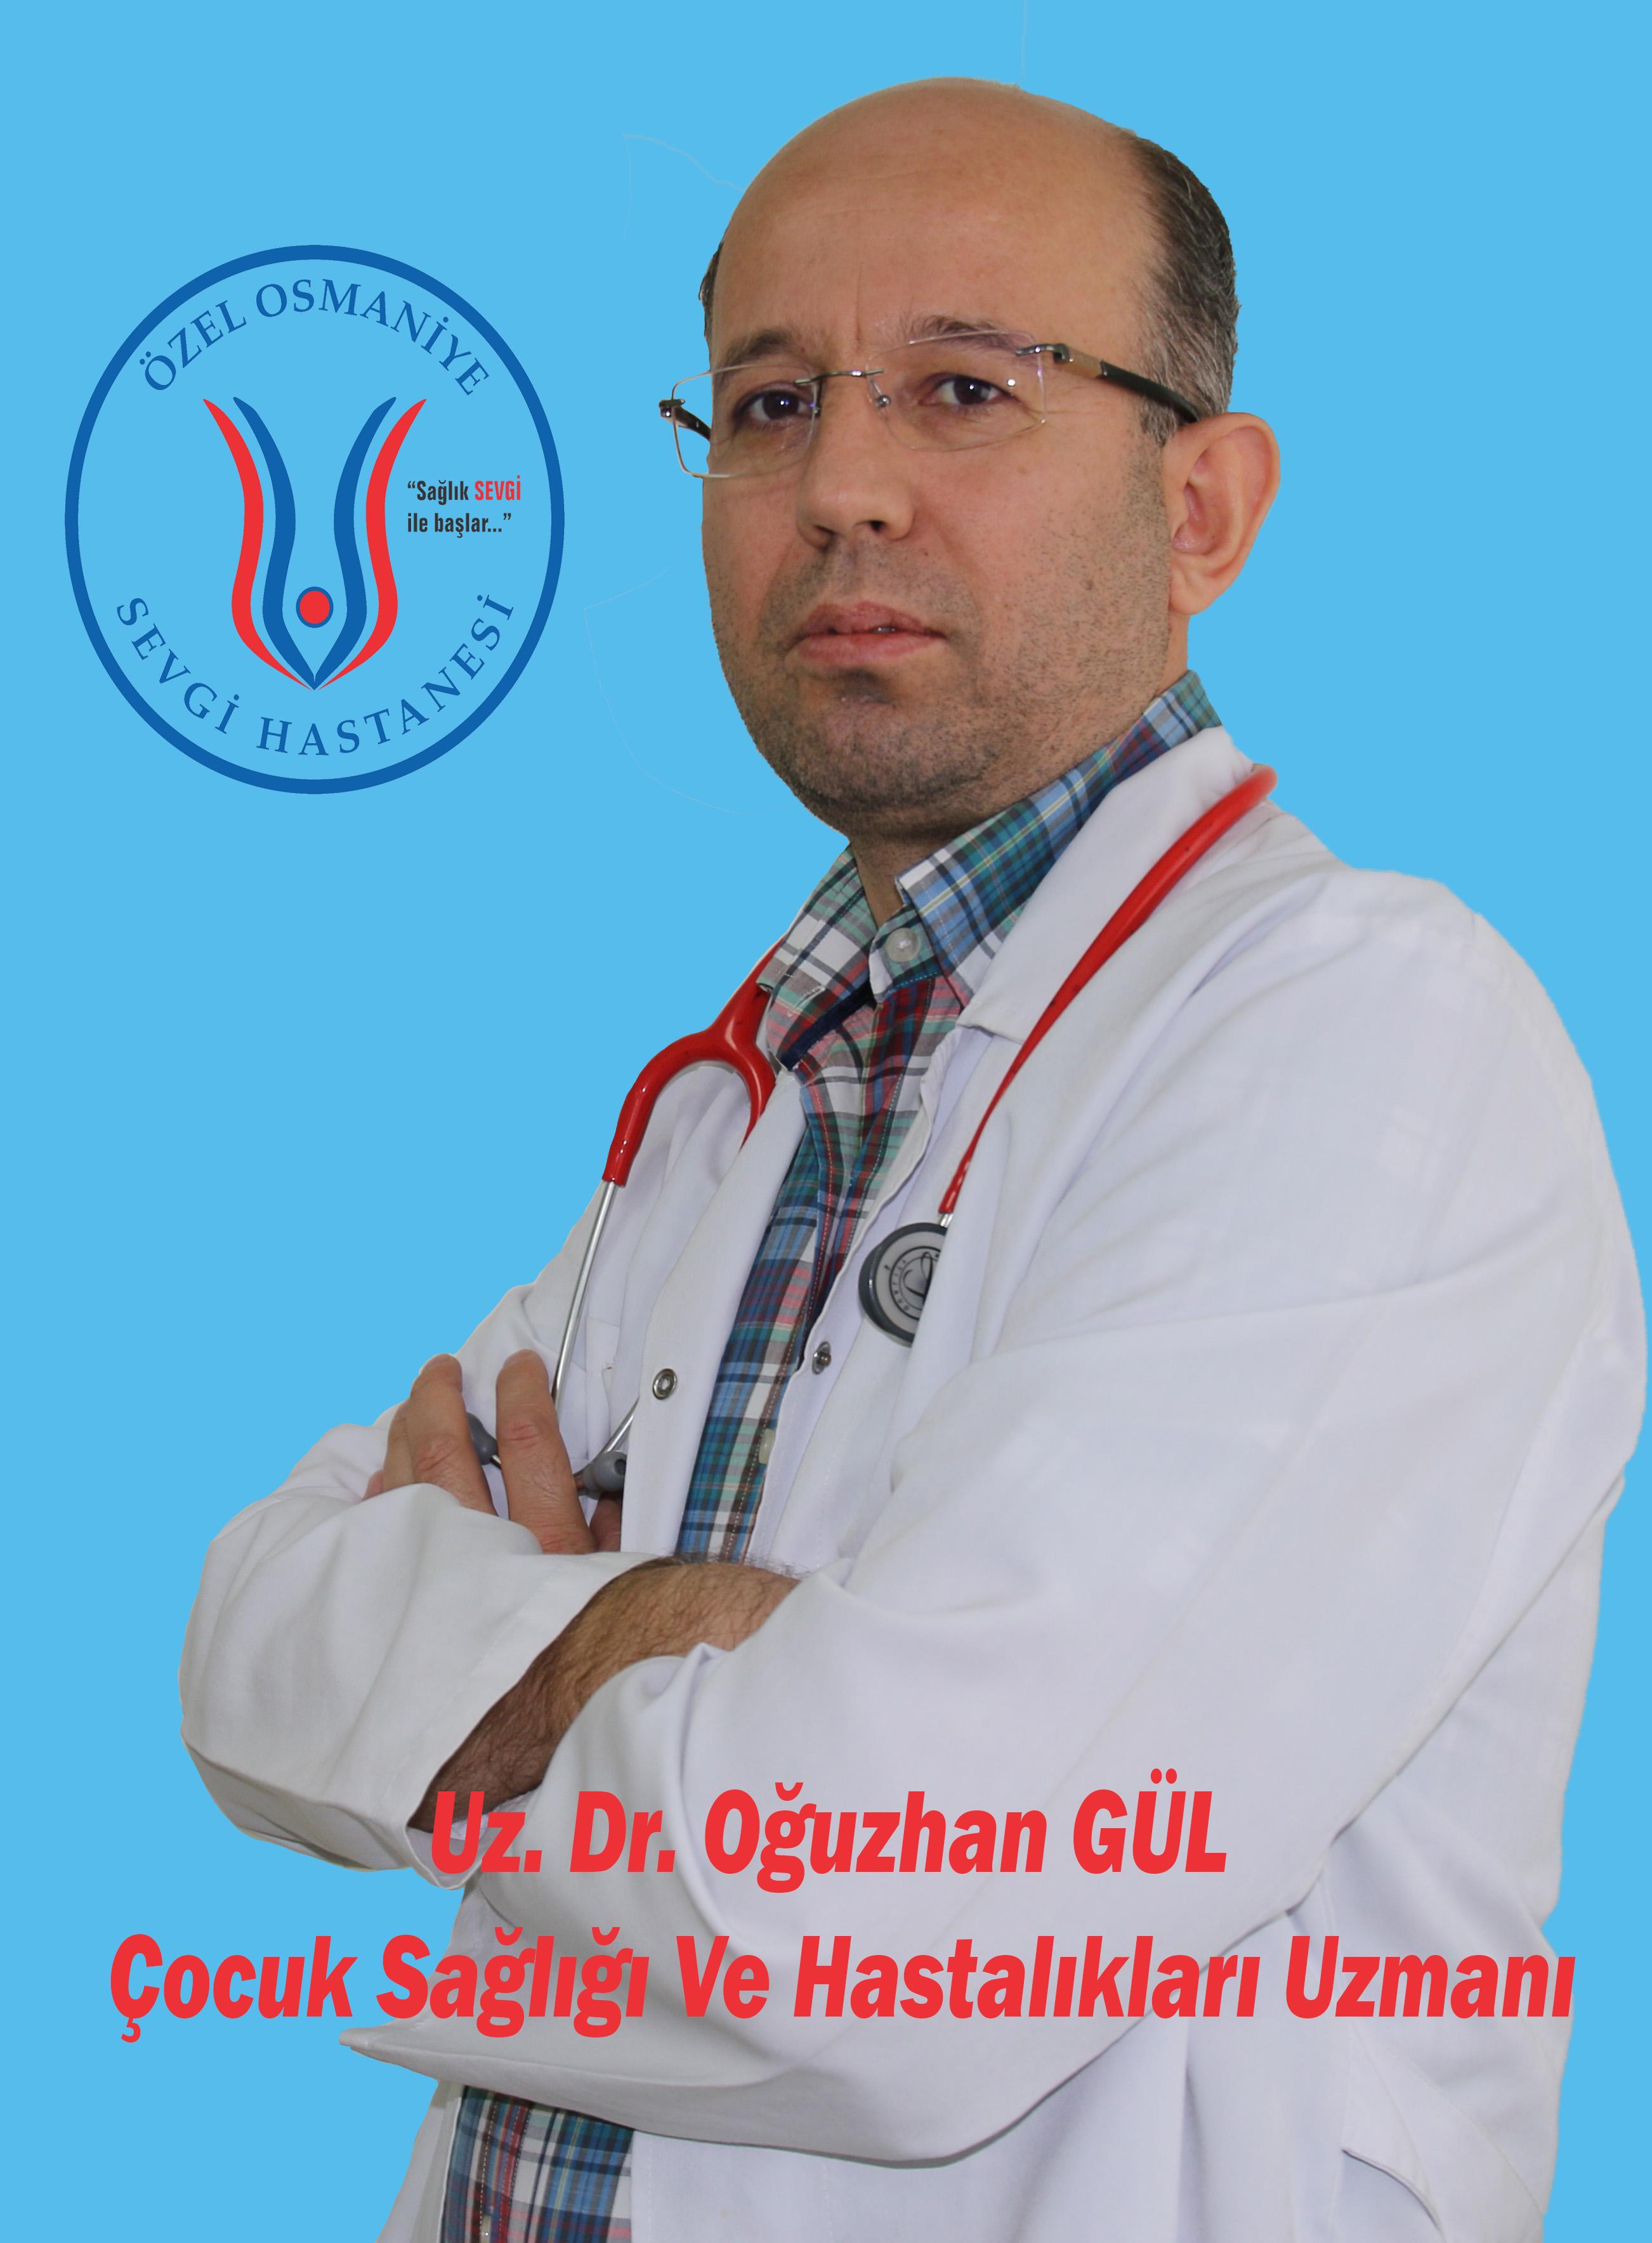 Uz. Dr. Oğuzhan GÜL / Çocuk Sağlığı ve Hastalıkları Uz.